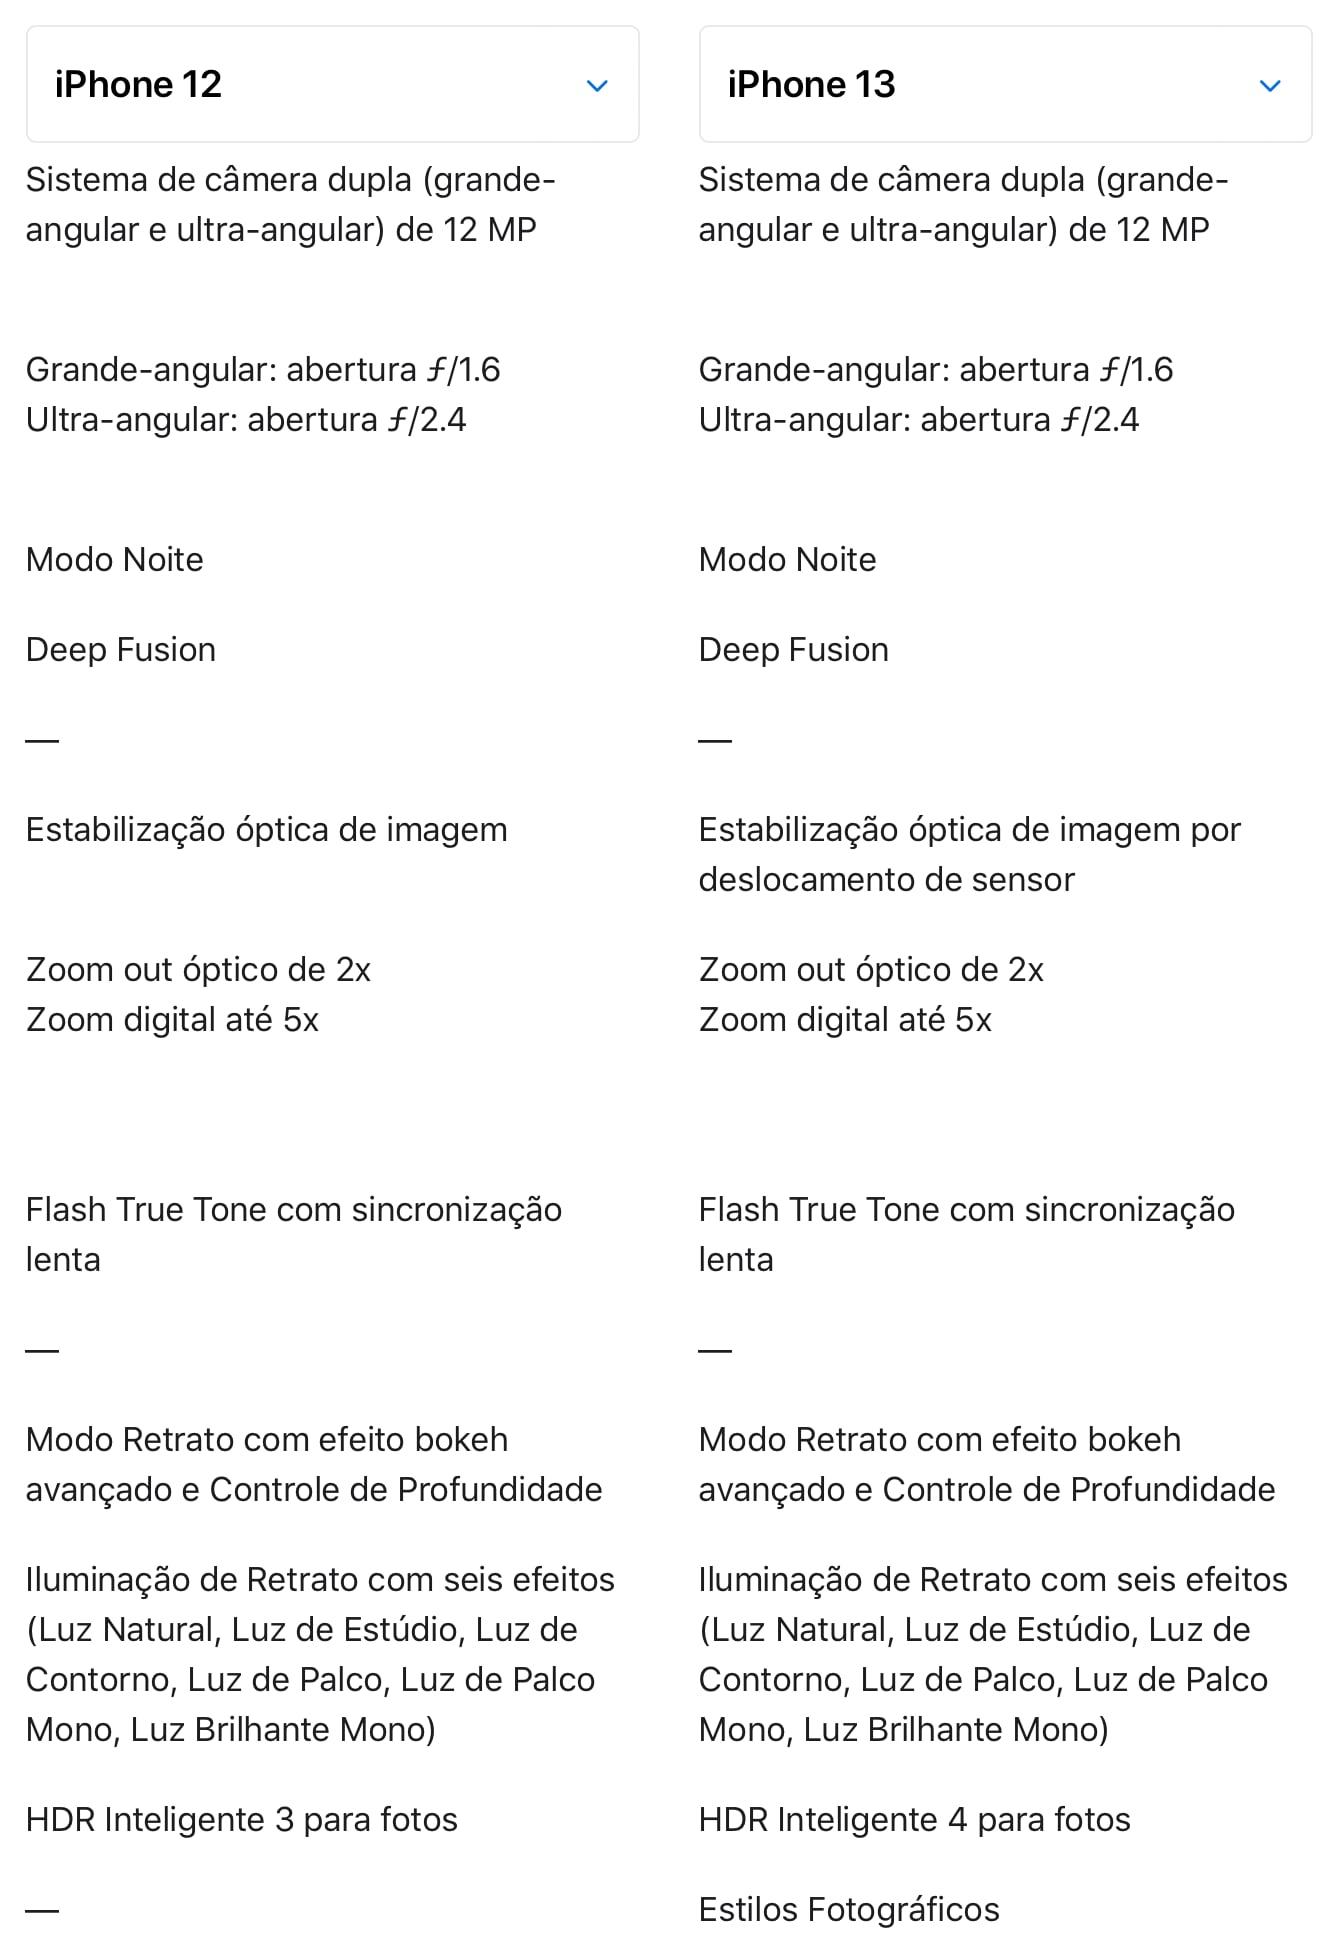 Comparativo de câmeras dos iPhones 12 e 13